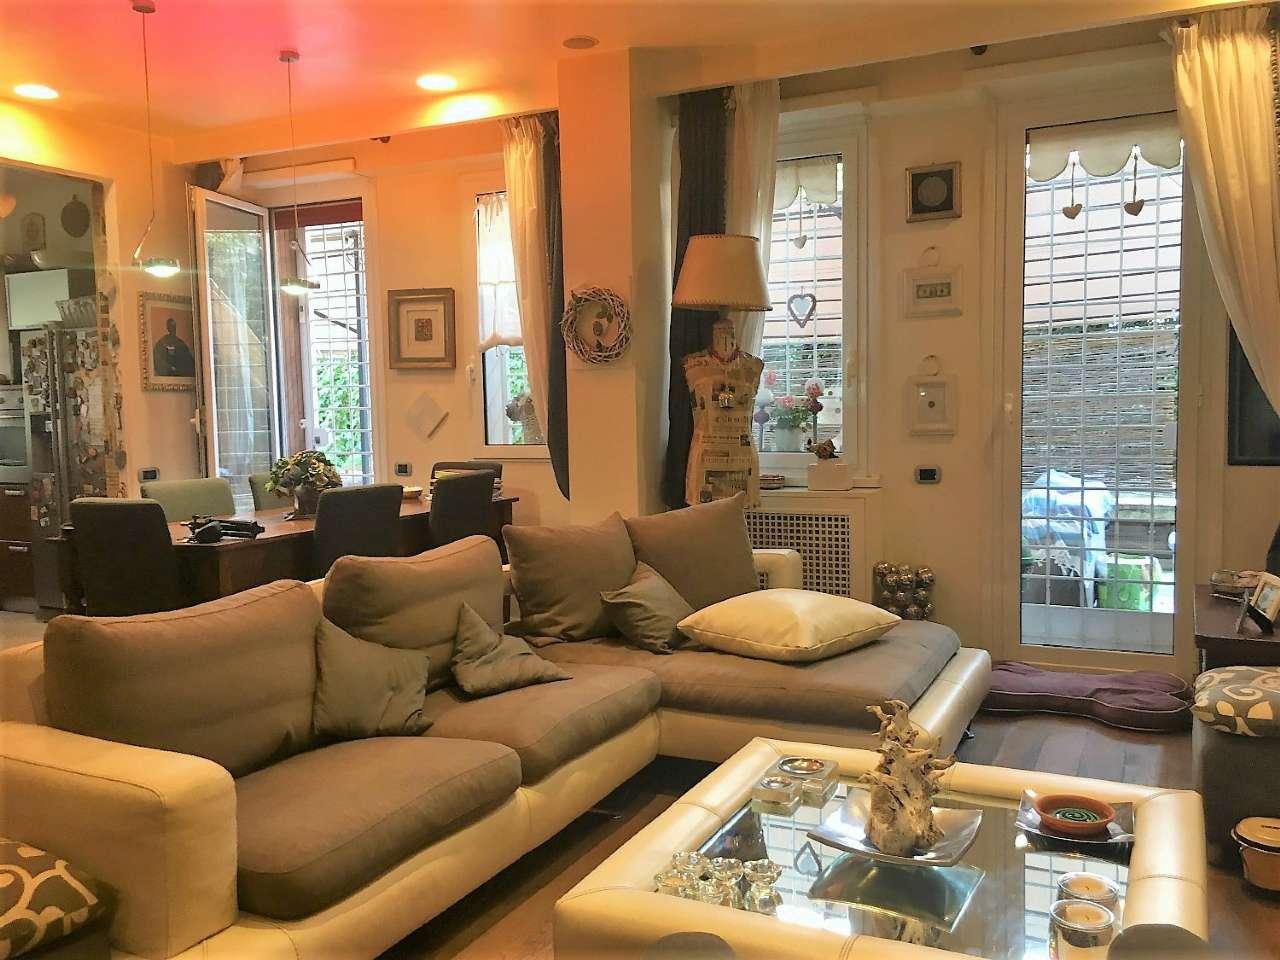 Appartamento in vendita a Roma, 4 locali, zona Zona: 27 . Aurelio - Boccea, prezzo € 620.000 | CambioCasa.it